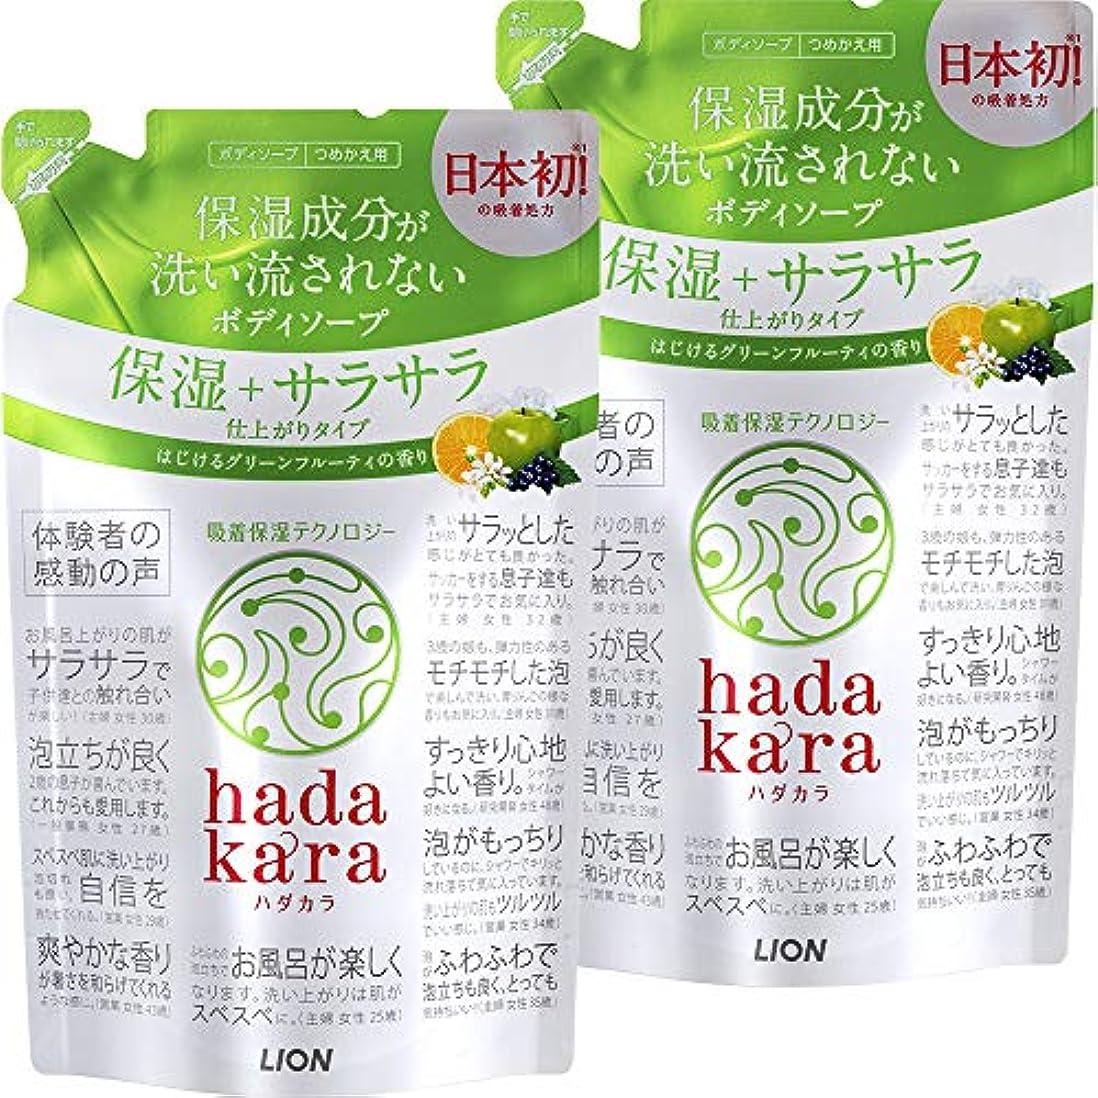 洞察力恐れる札入れ【まとめ買い】hadakara(ハダカラ) ボディソープ 保湿+サラサラ仕上がりタイプ グリーンフルーティの香り 詰め替え 340ml×2個パック